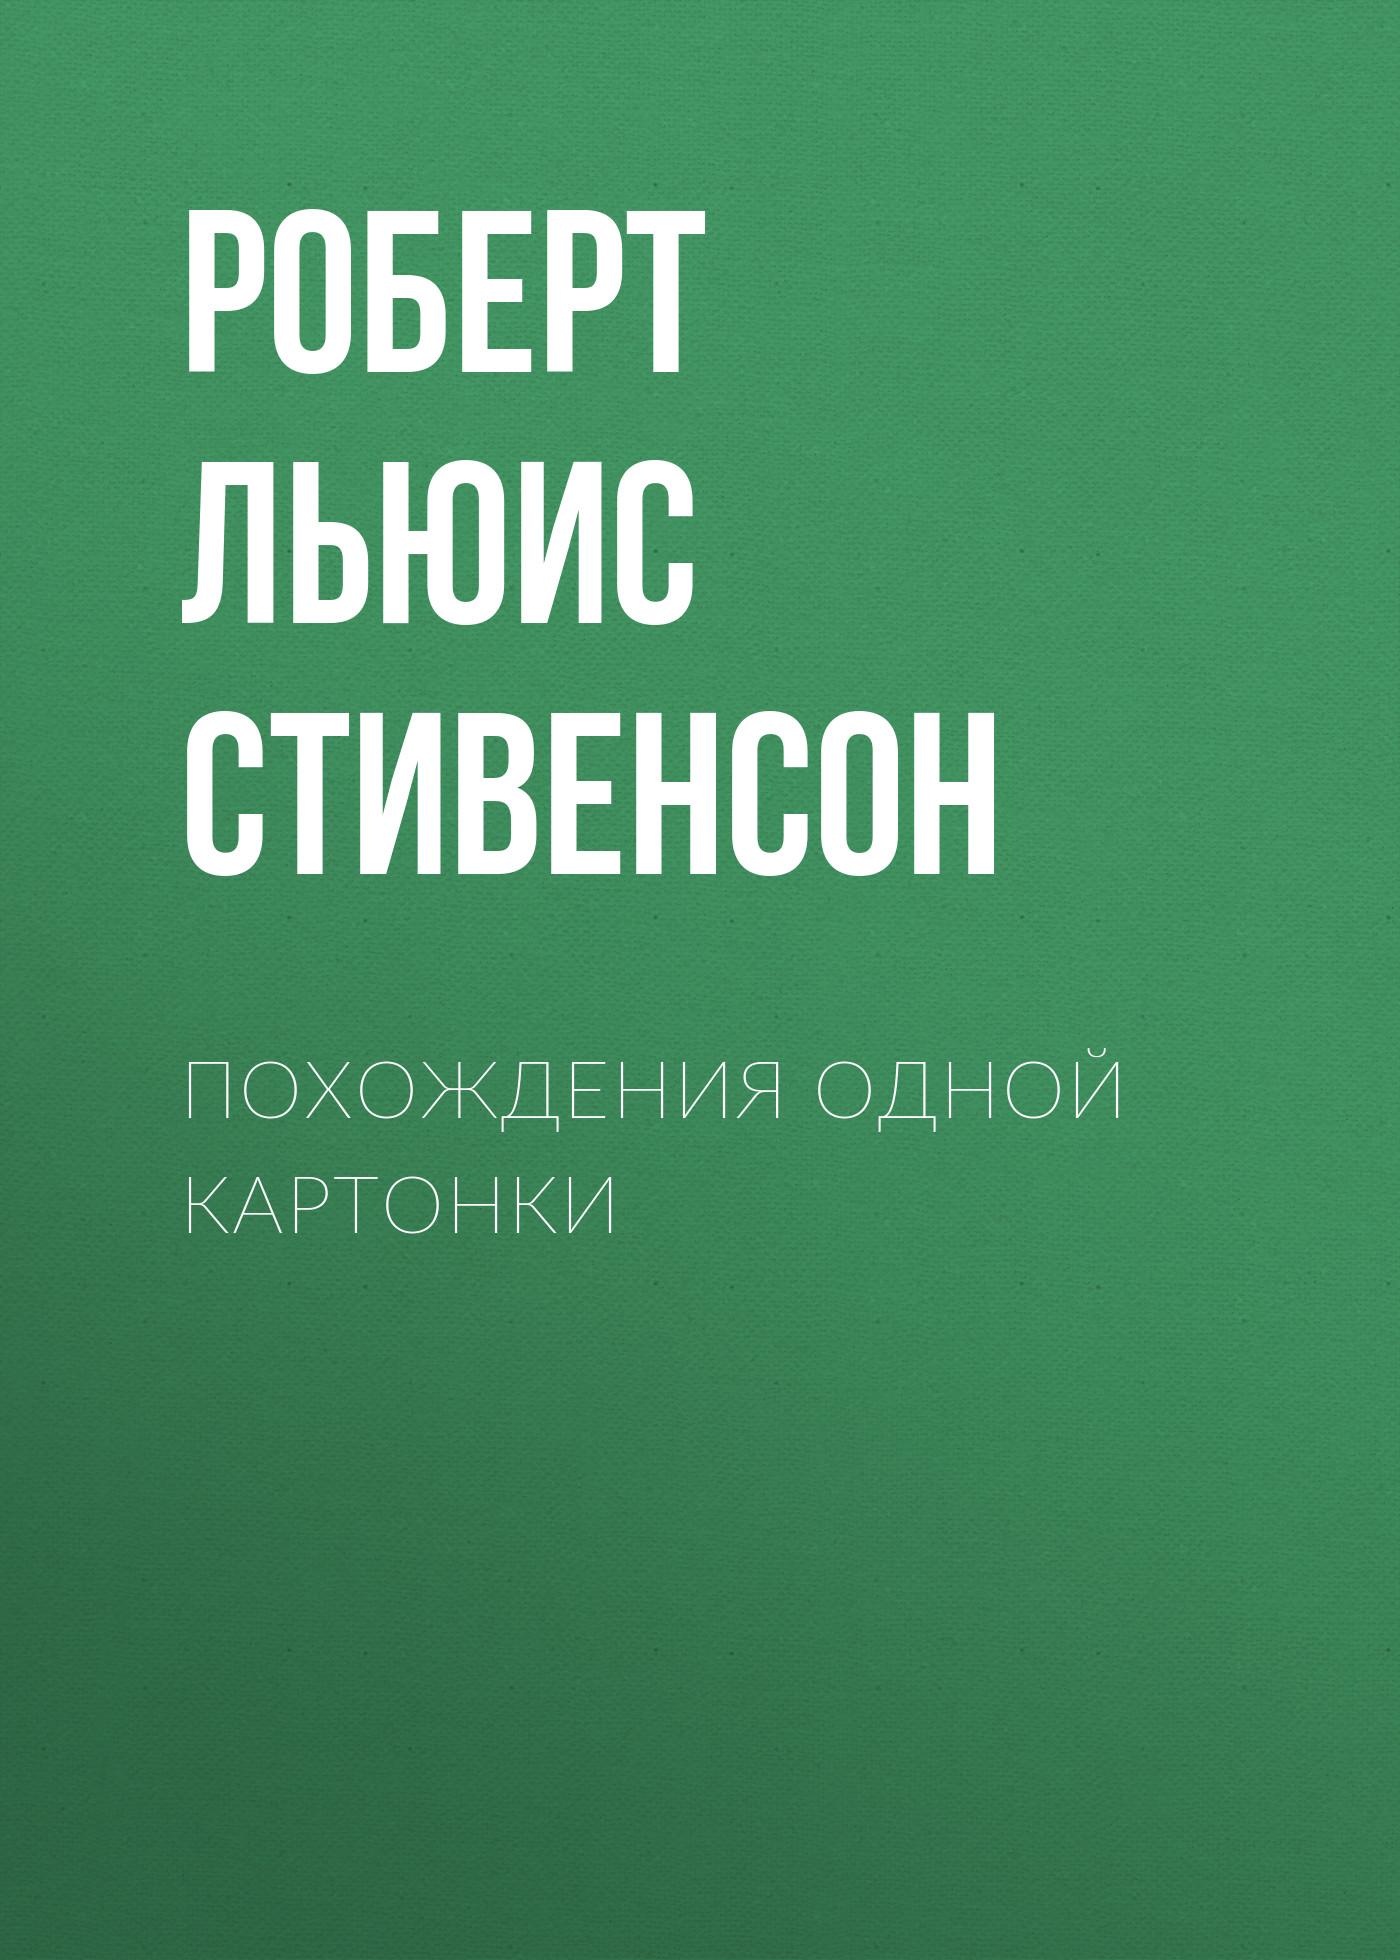 Купить книгу Похождения одной картонки, автора Роберта Льюиса Стивенсона